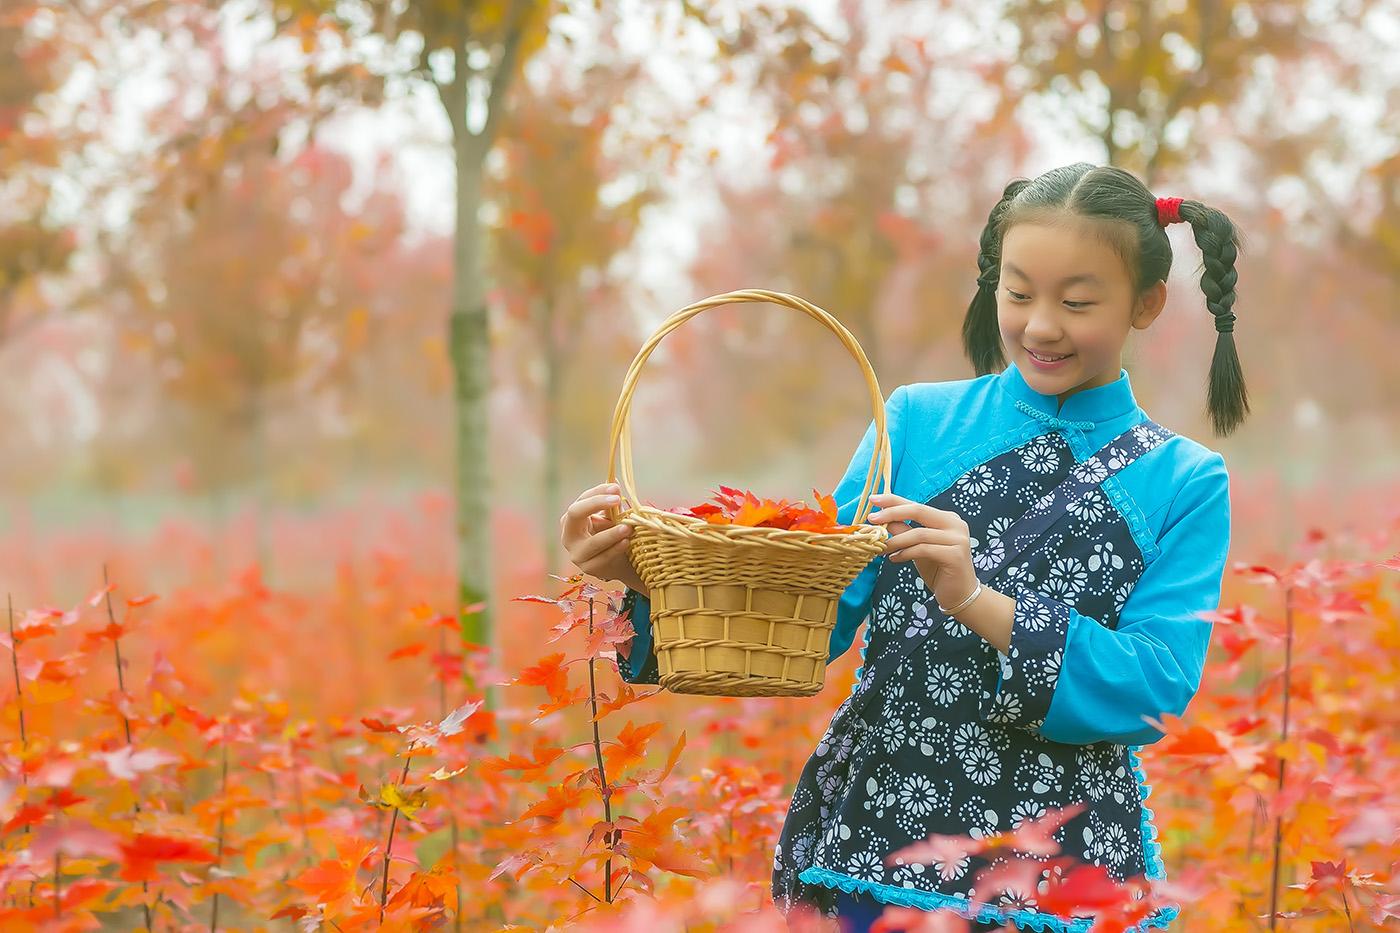 沂蒙山区竟然有这么一片童话般的树林 沂蒙小精灵火红的童年来袭 ..._图1-9